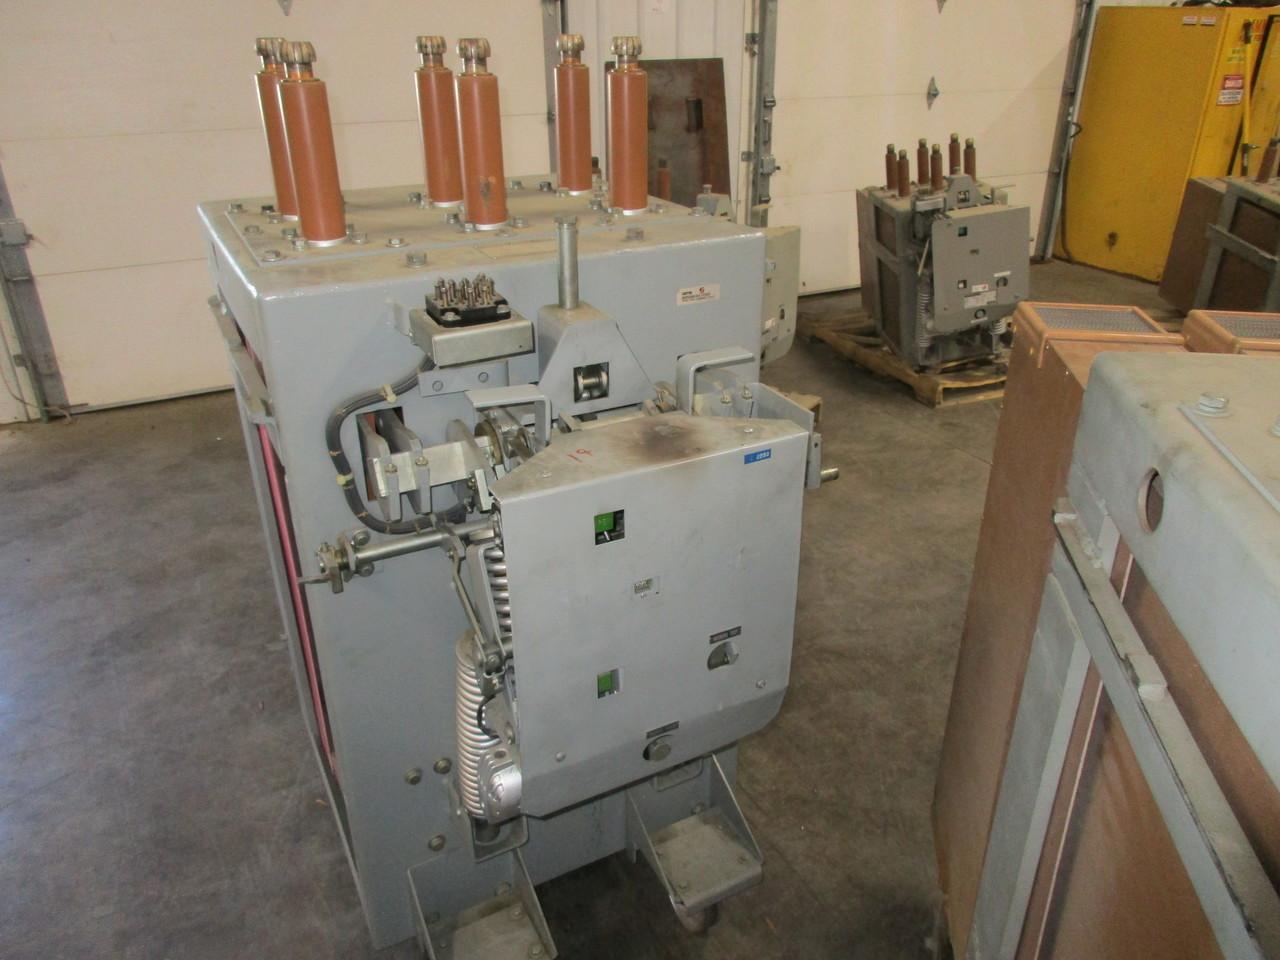 am 13 8 750 3h ge magne blast 1200a 15kv air circuit breaker  am 13 8 750 3h ge magne blast 1200a 15kv air circuit breaker bullock breakers